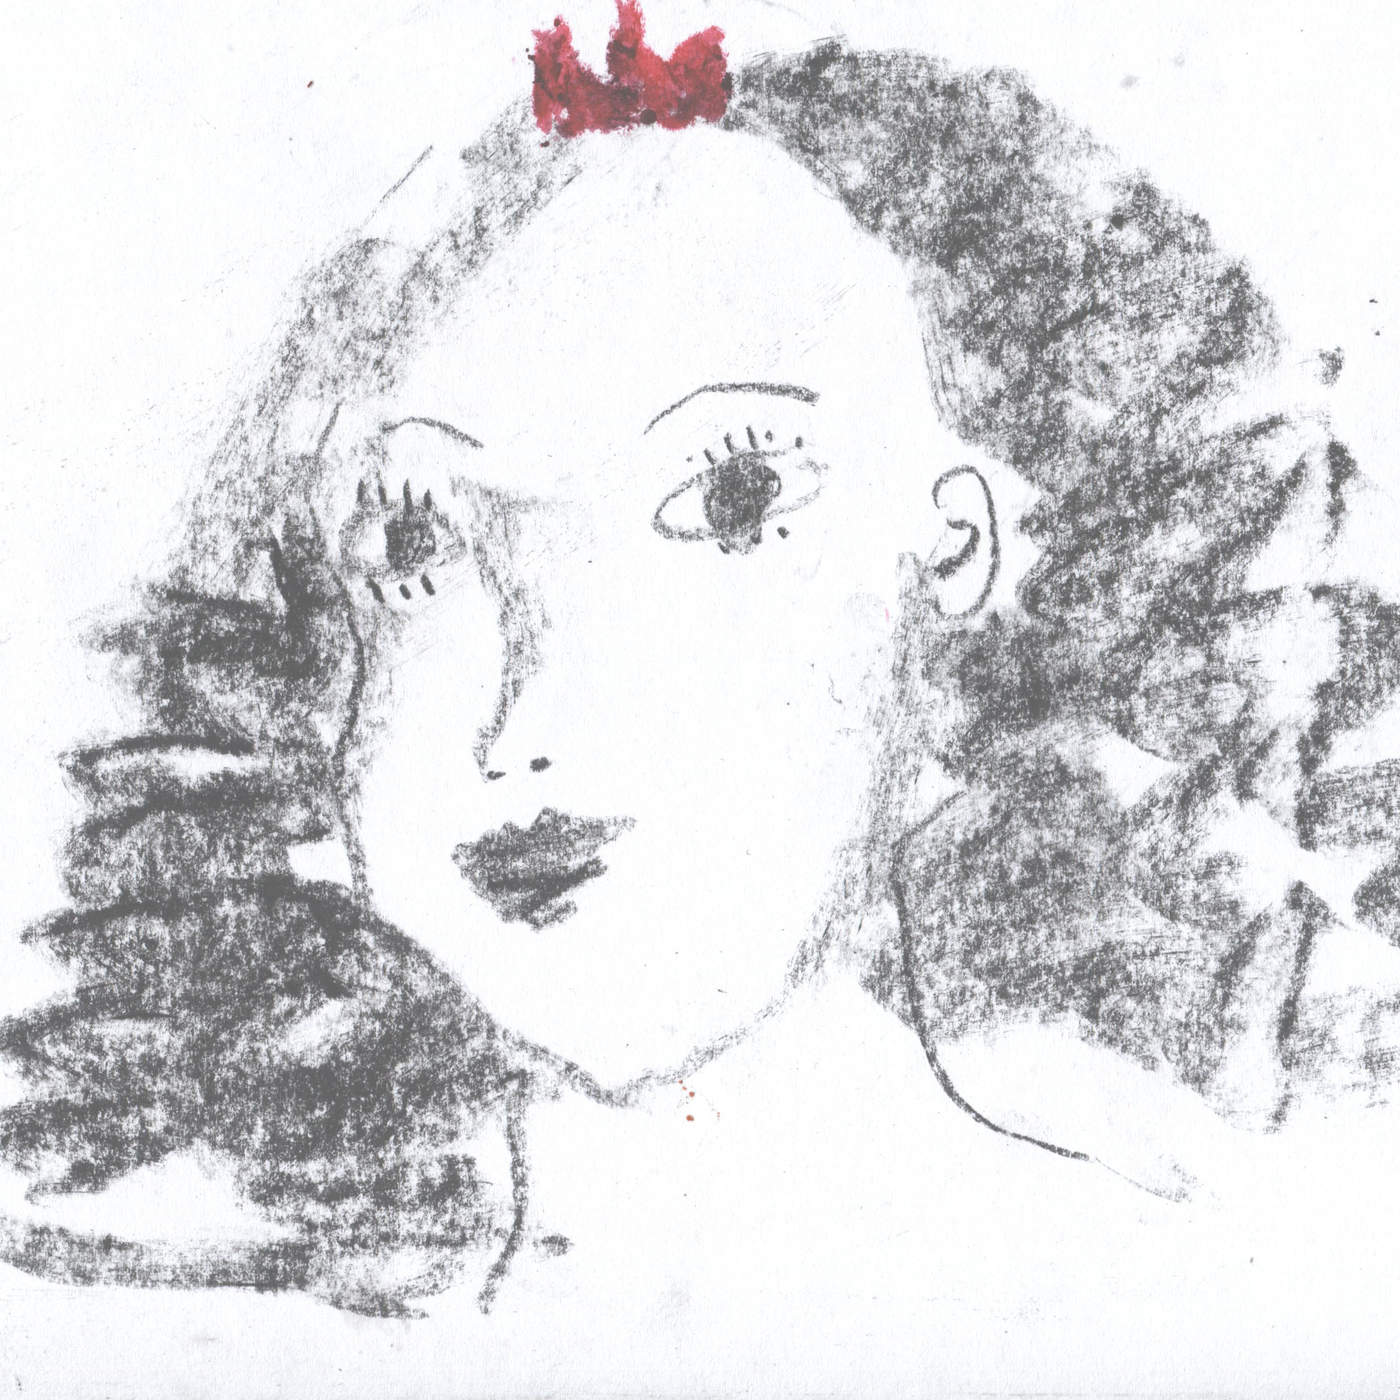 Jorja Smith - A Prince - Single Cover